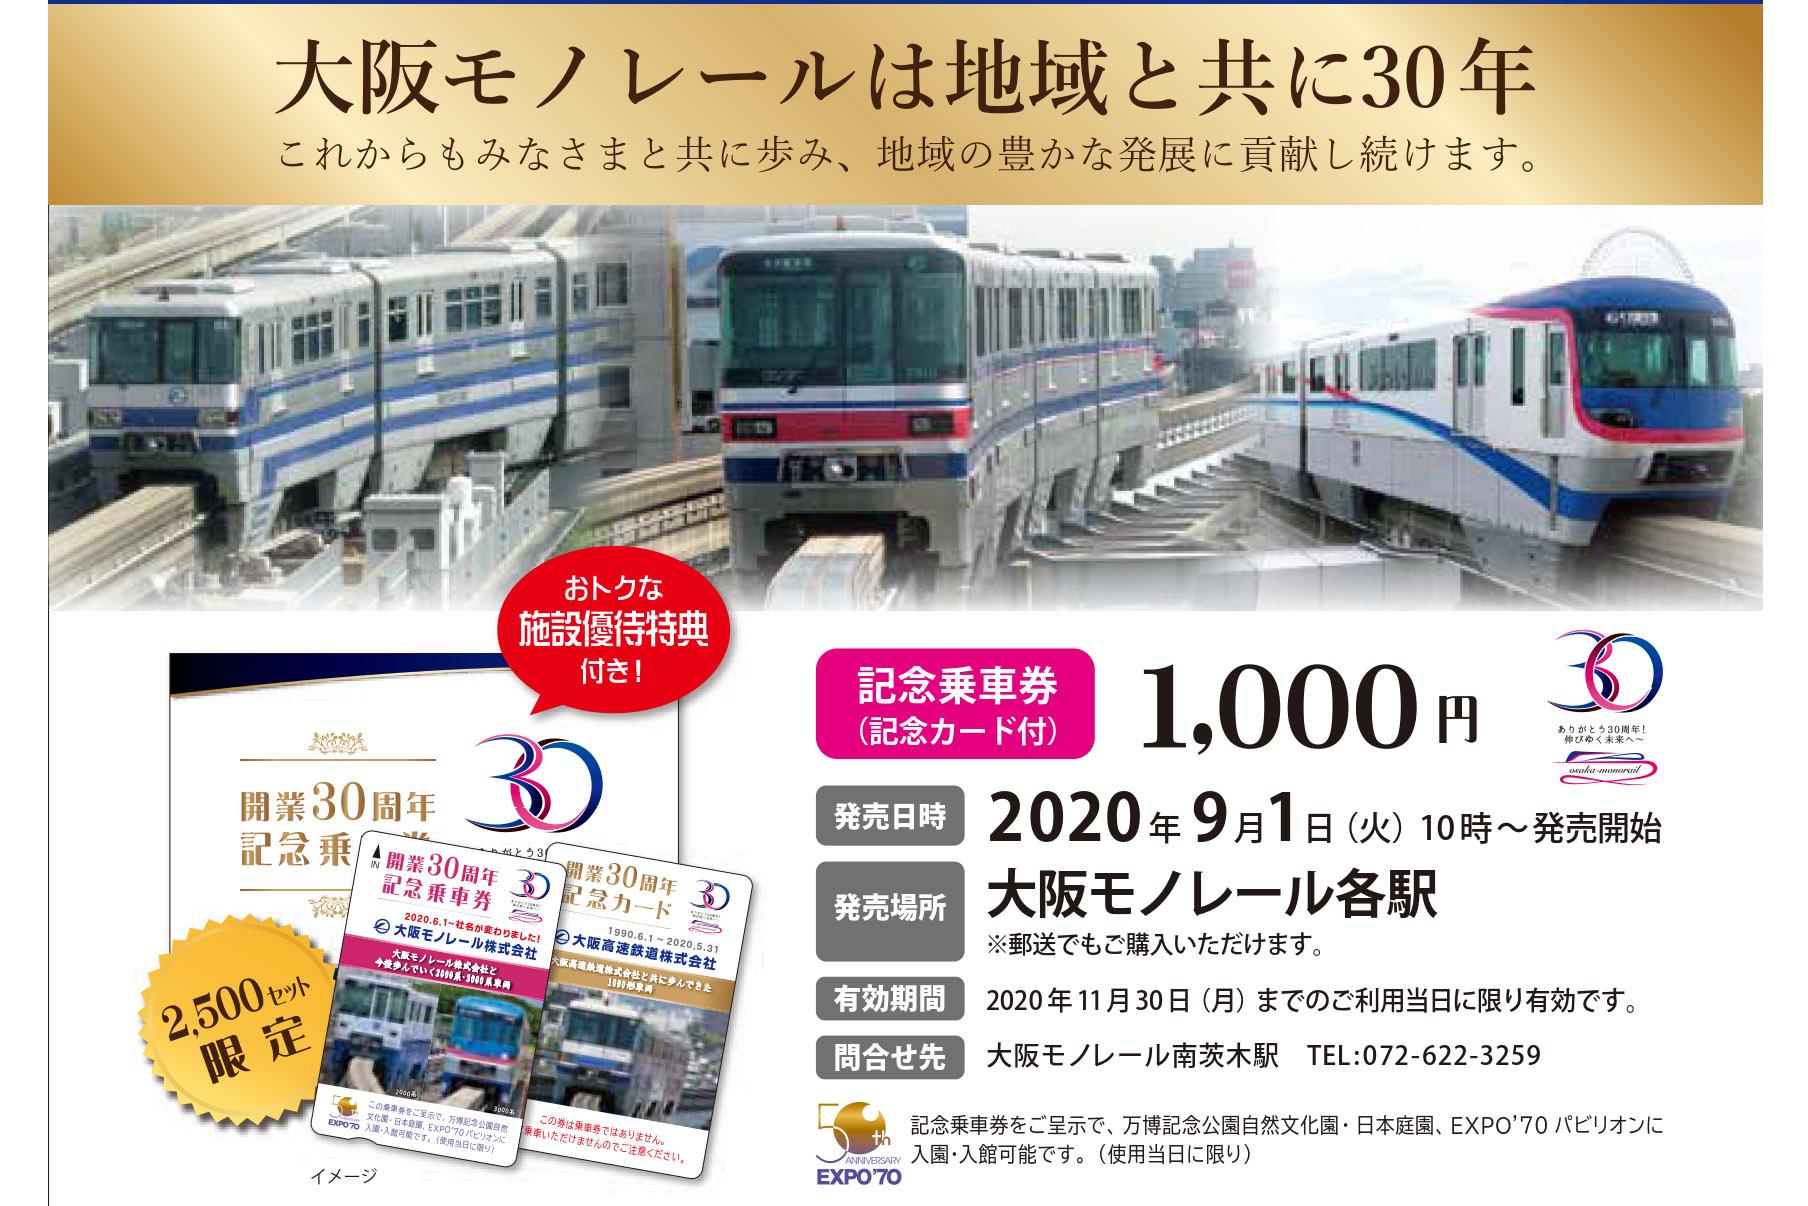 大阪モノレール、開業30周年記念乗車券を9月1日発売。新旧社名入り記念 ...